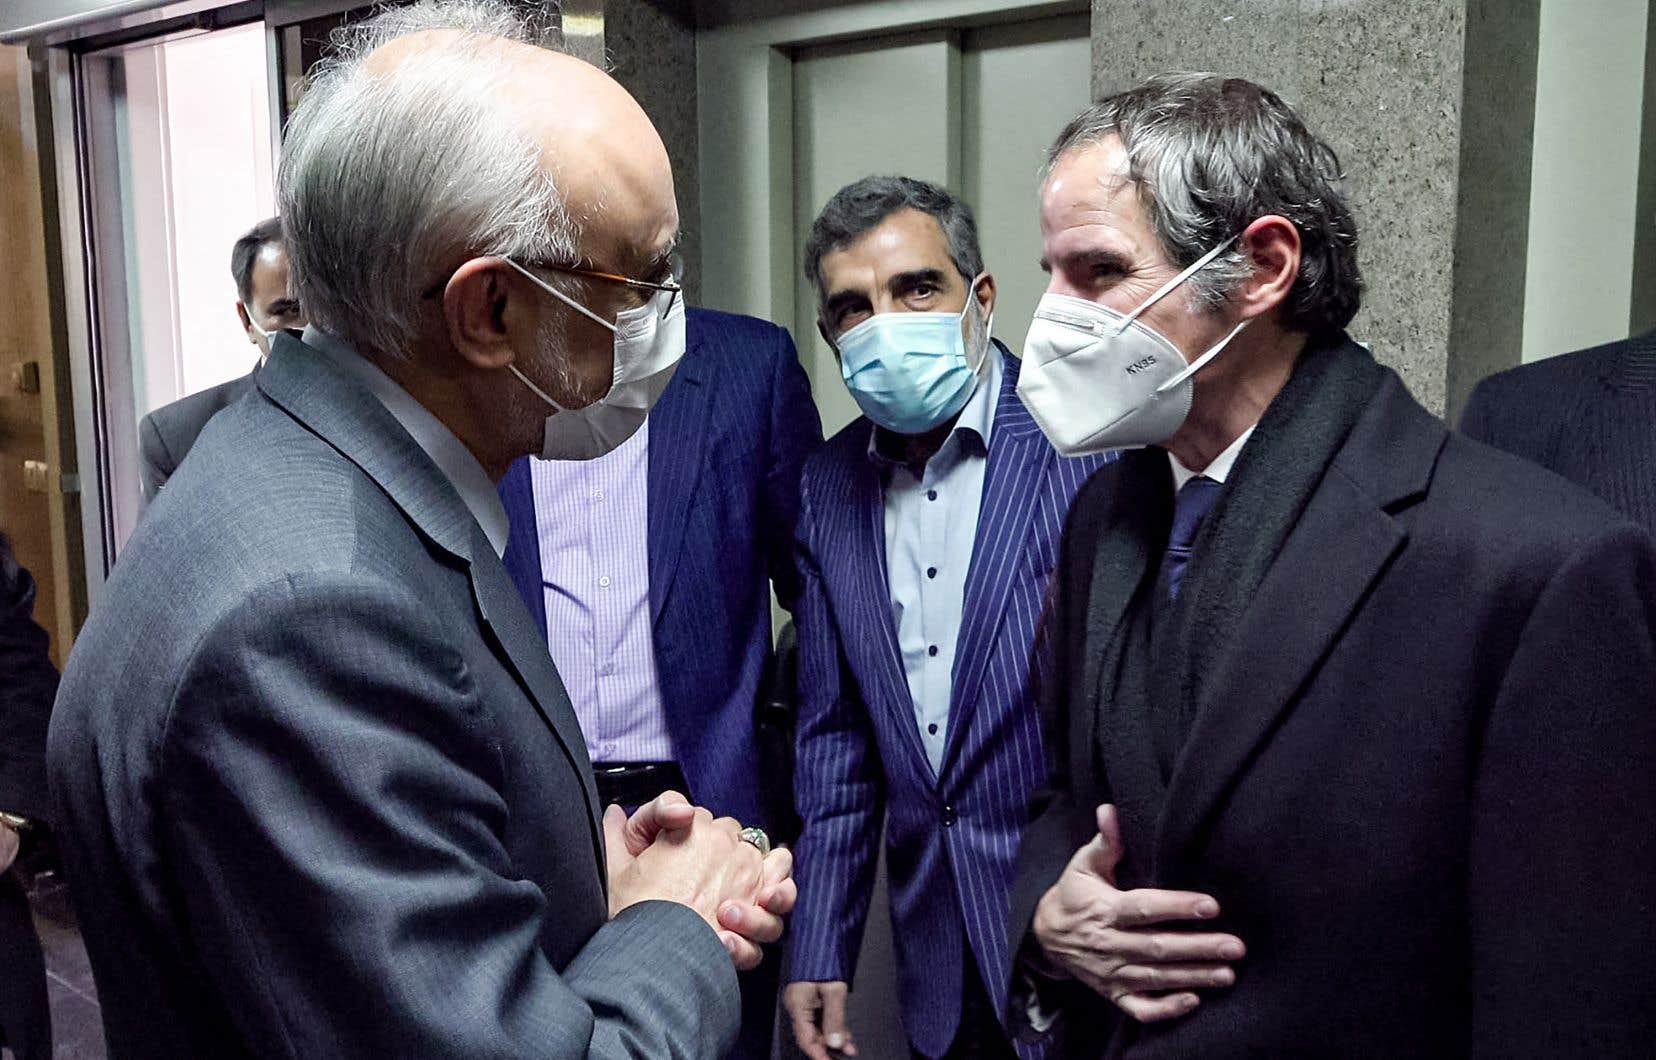 Le président de l'Organisation iranienne de l'énergie atomique, Ali Akbar Salehi (à gauche), avec le chef de l'Agence internationale de l'énergie atomique, Rafael Grossi (à droite)